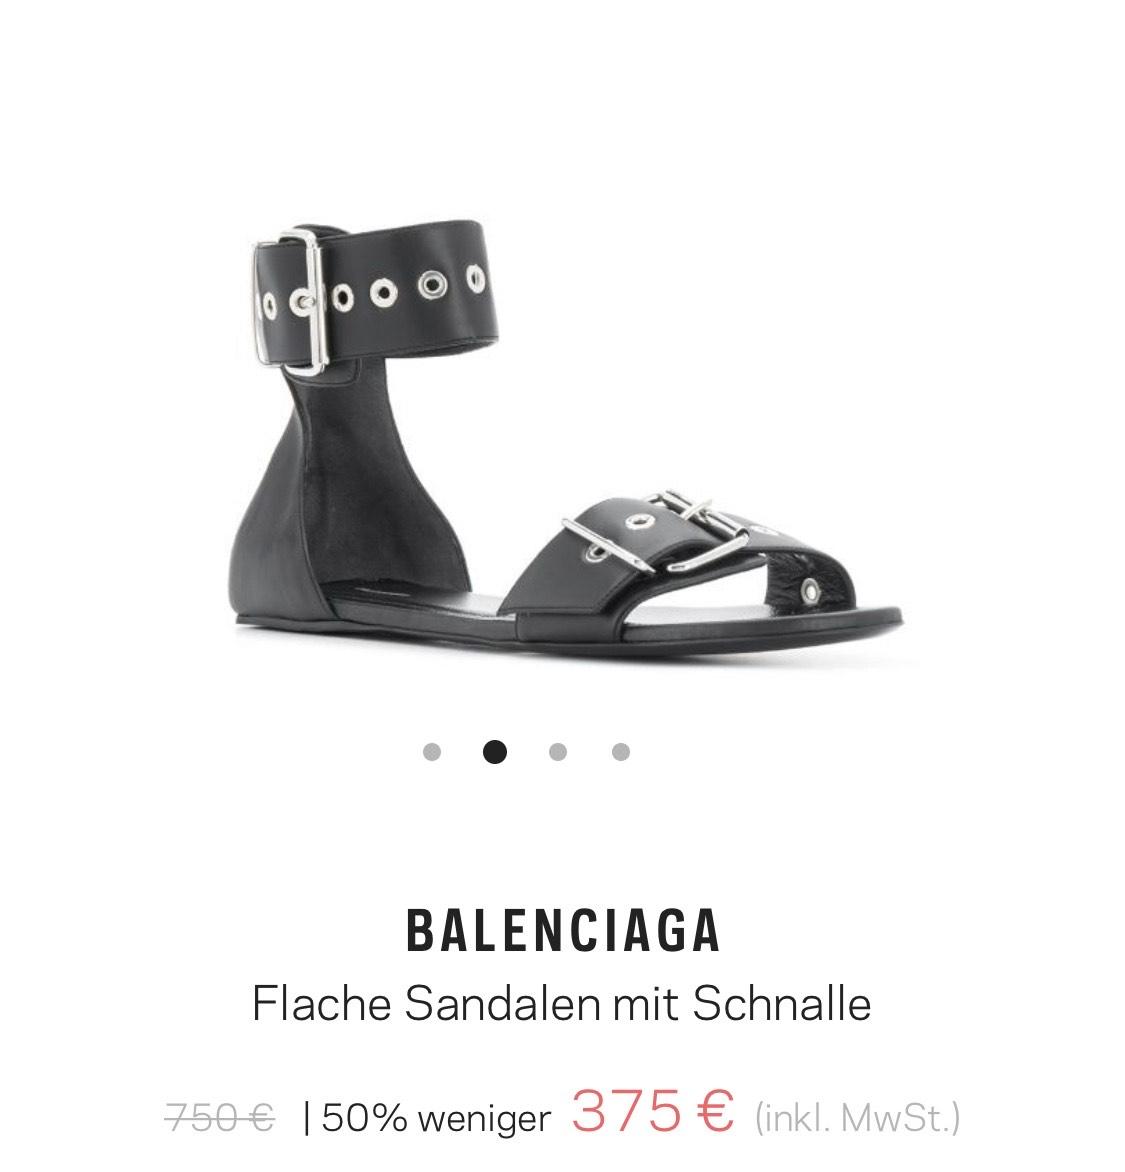 Balenciaga flache Sandalen mit Schnalle * Fehler Freies Hue Bsches Schuh Werk *